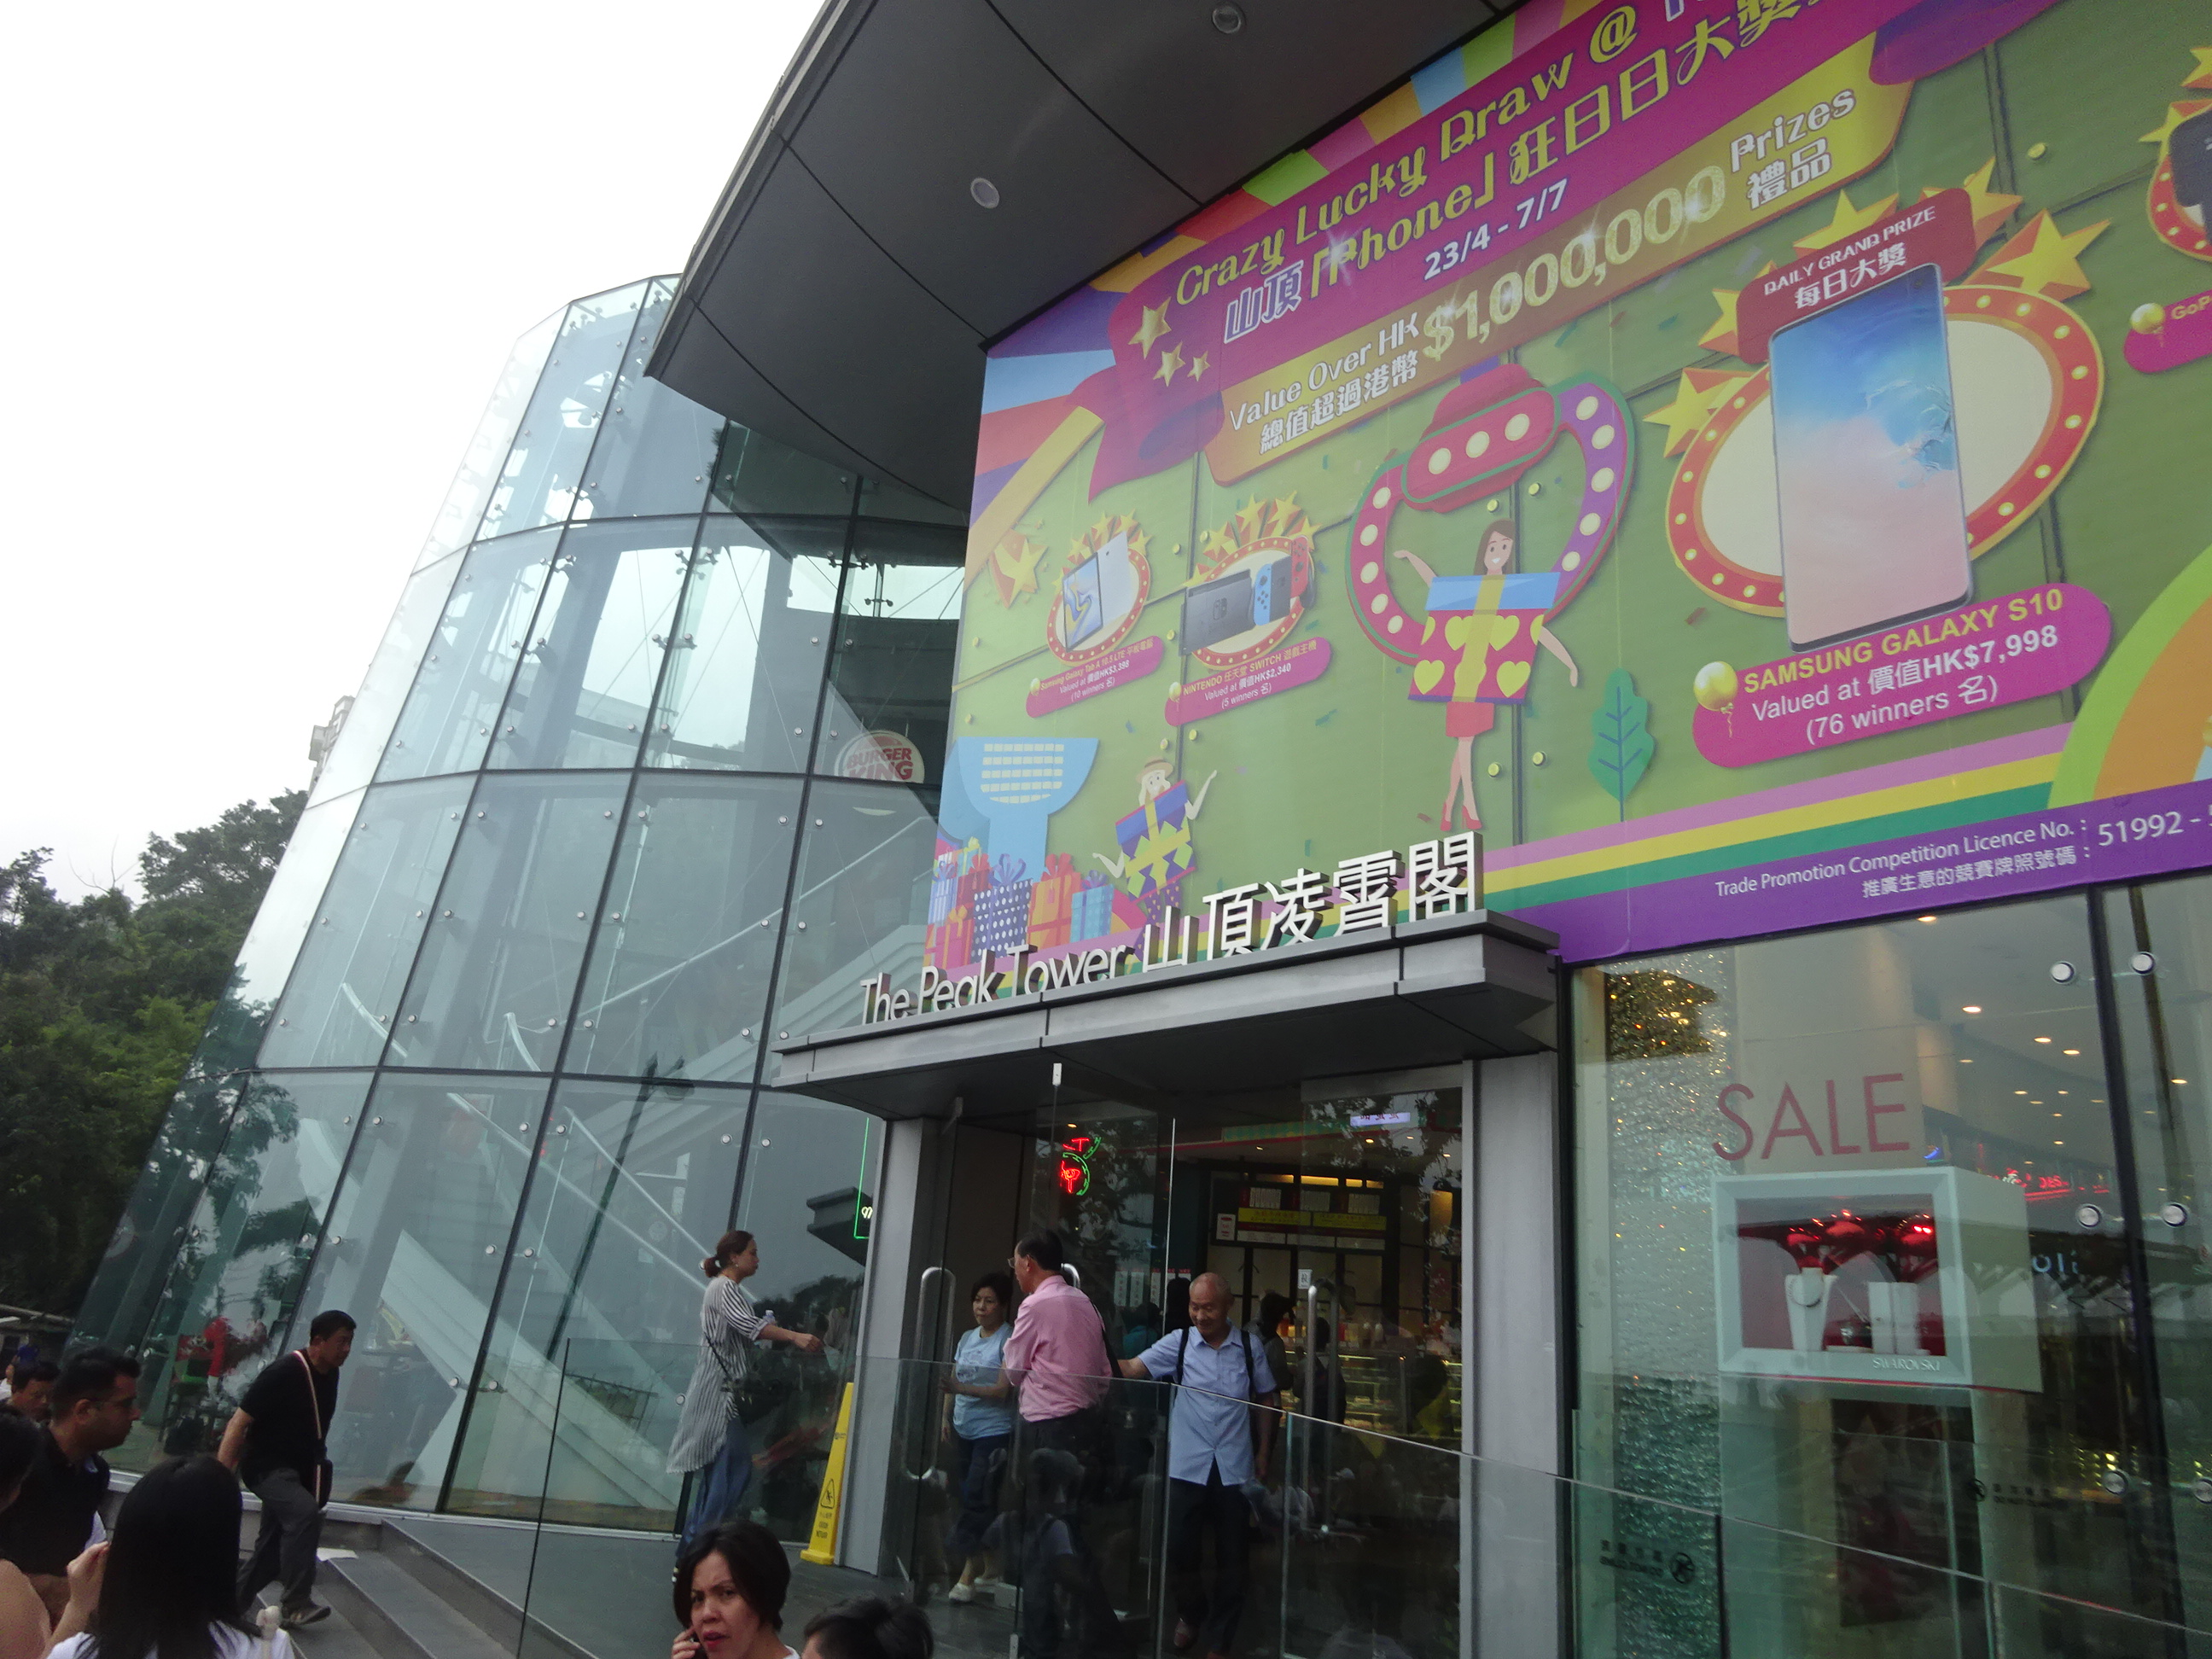 ビクトリアピークにあるピークタワーは色んなお店が入った商業施設